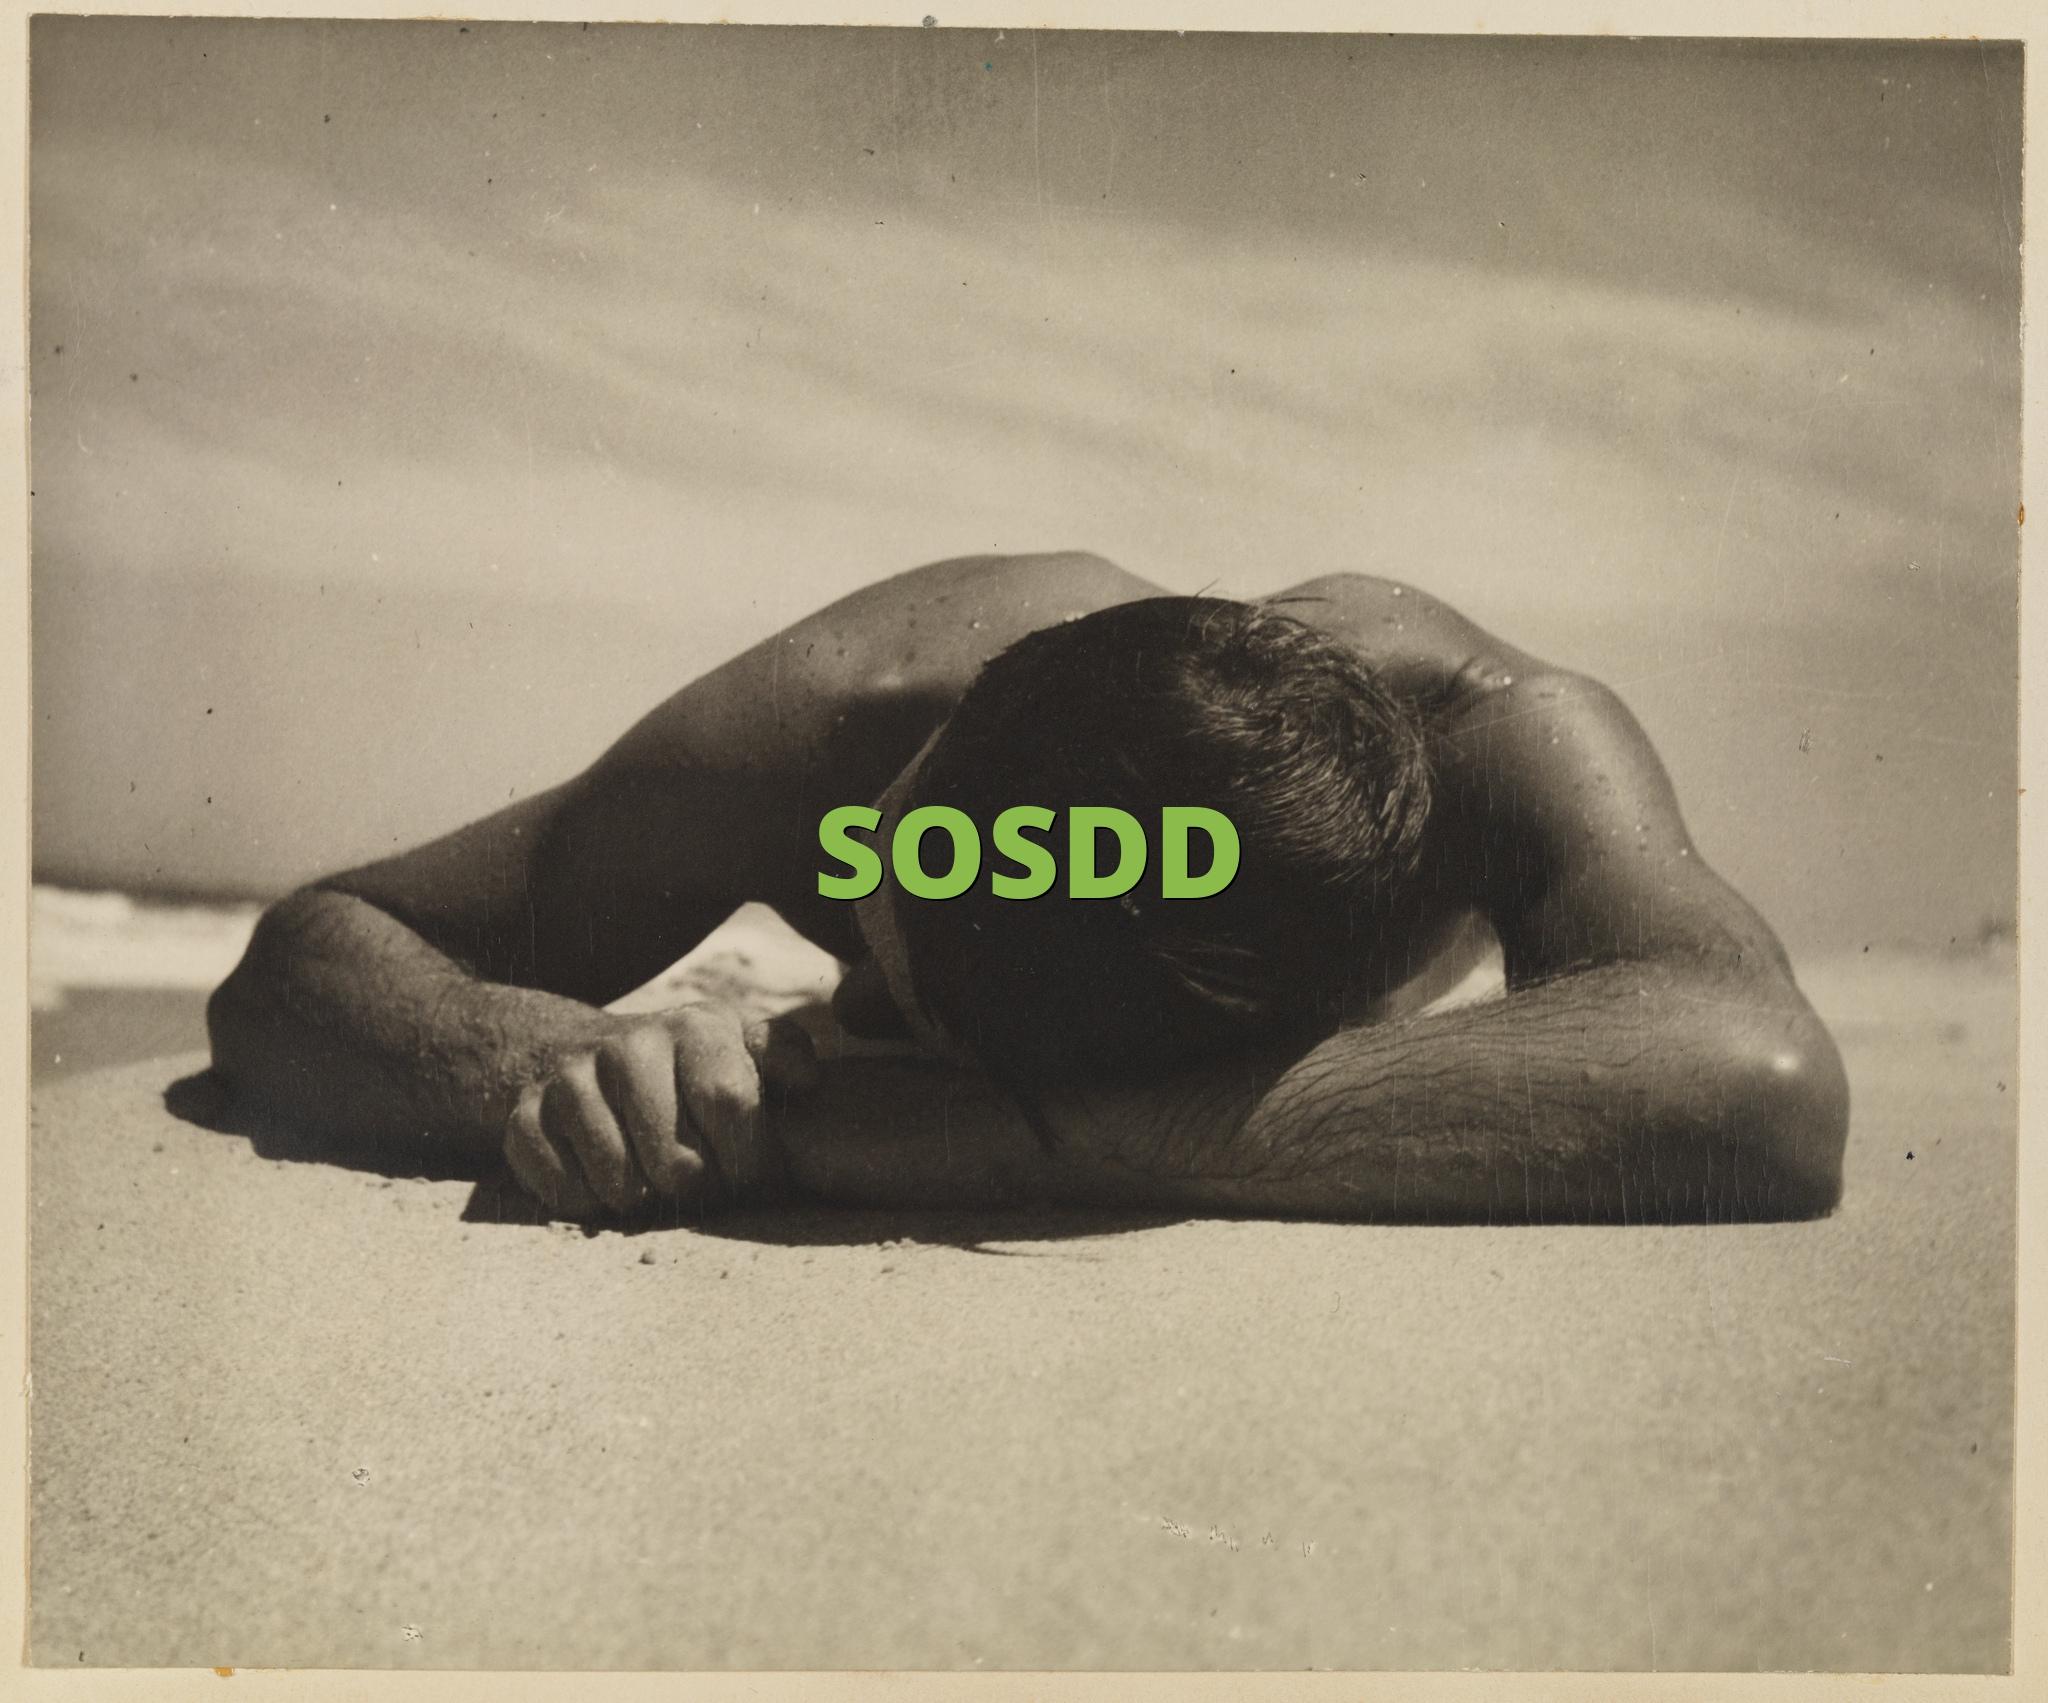 SOSDD